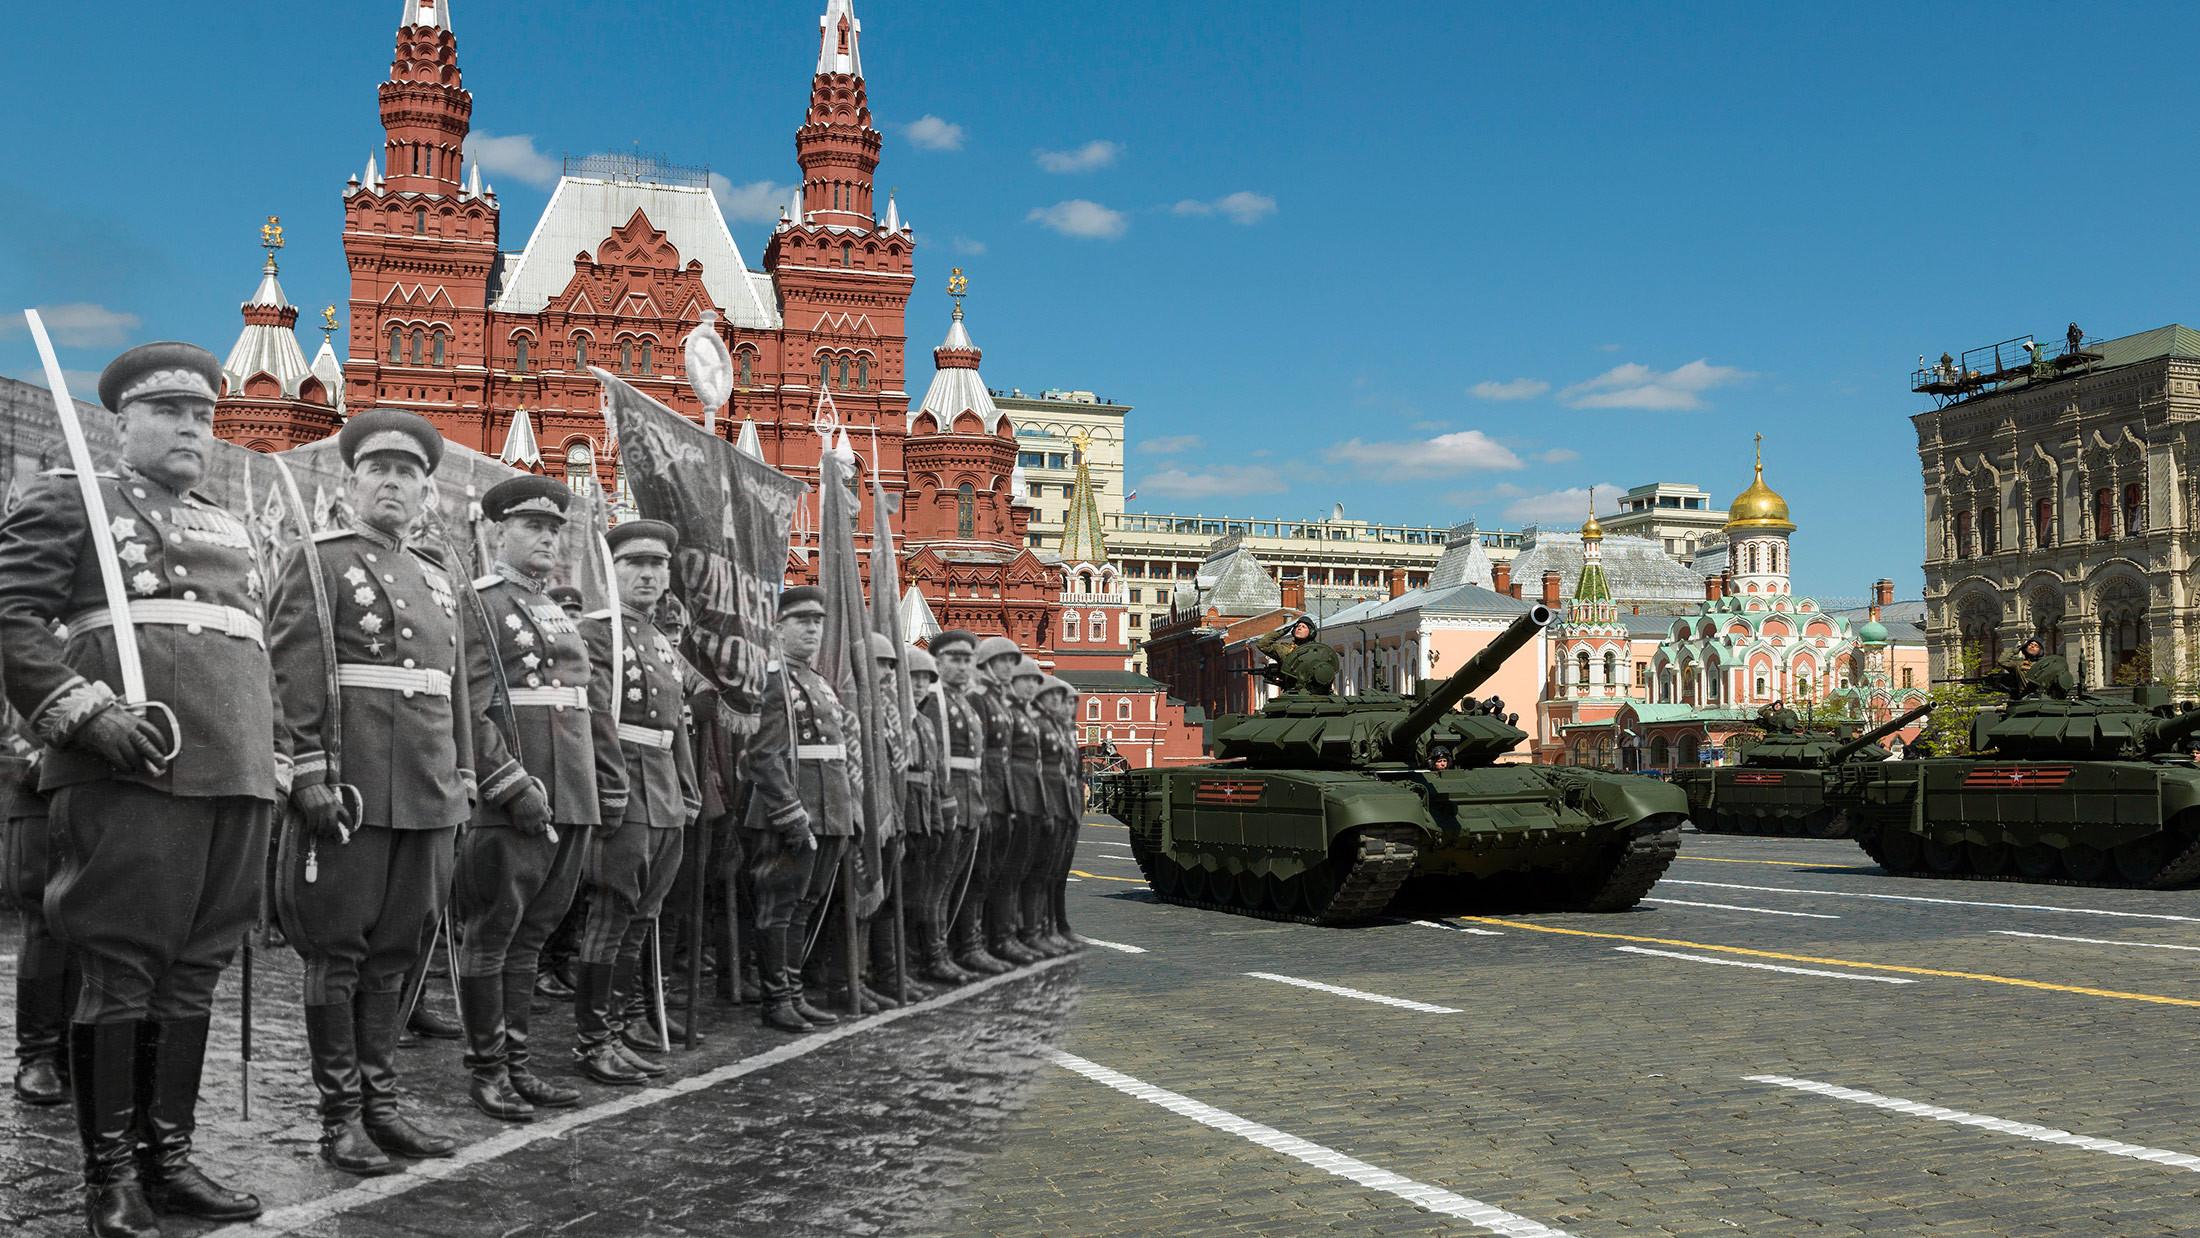 фотография день победы высокого разрешения чтобы